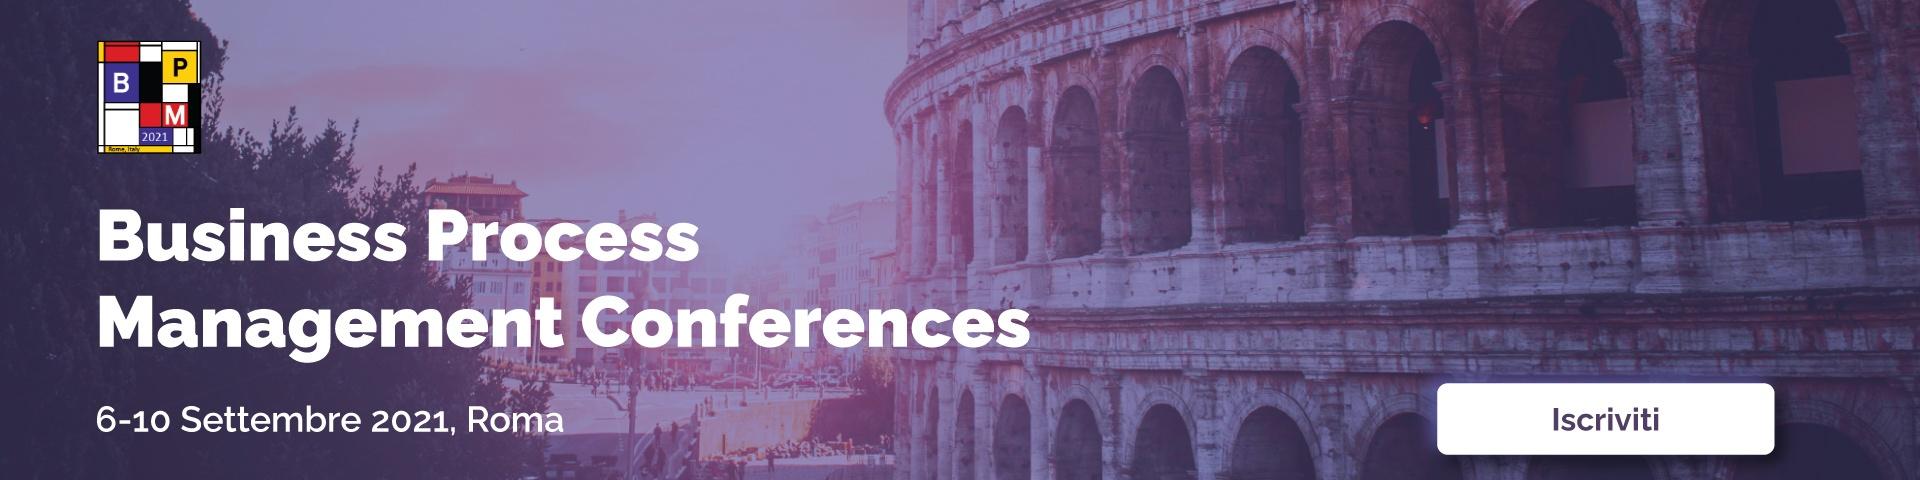 Business Process Management Conferences